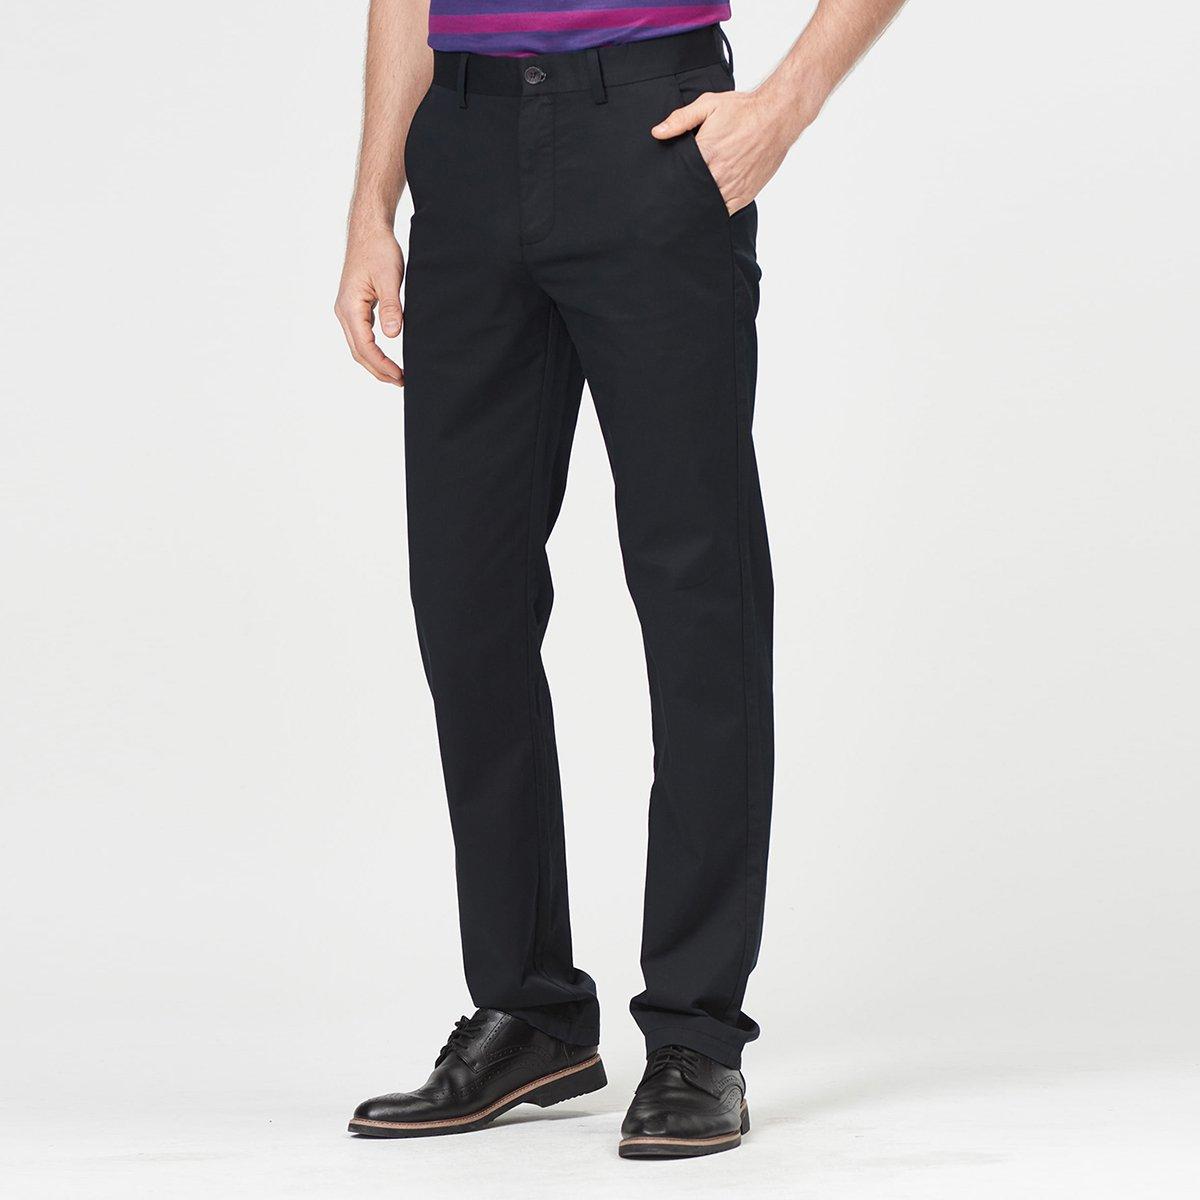 杉杉2019春季新款商务休闲修身长裤男士休闲裤SHANSHAN97H012-1